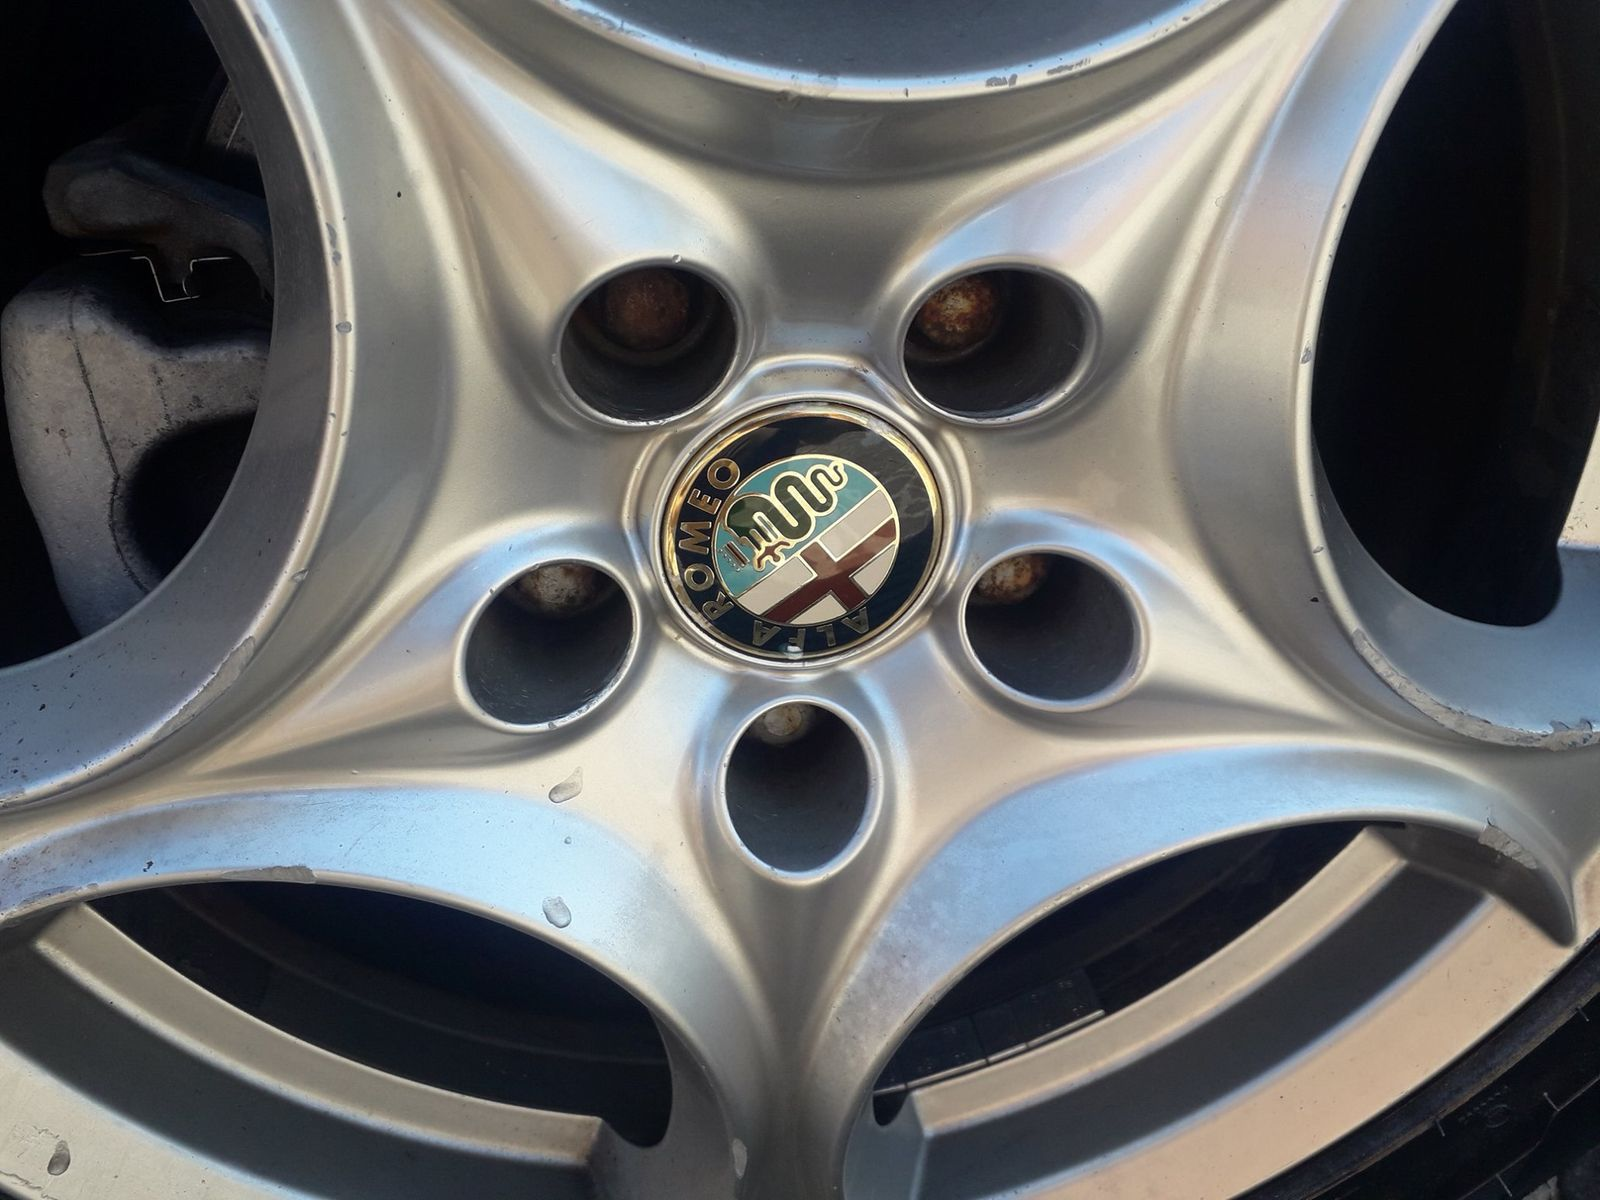 Alfa Romeo Brera 2.4 JTDm km. 94.879 Distribuzione eseguita